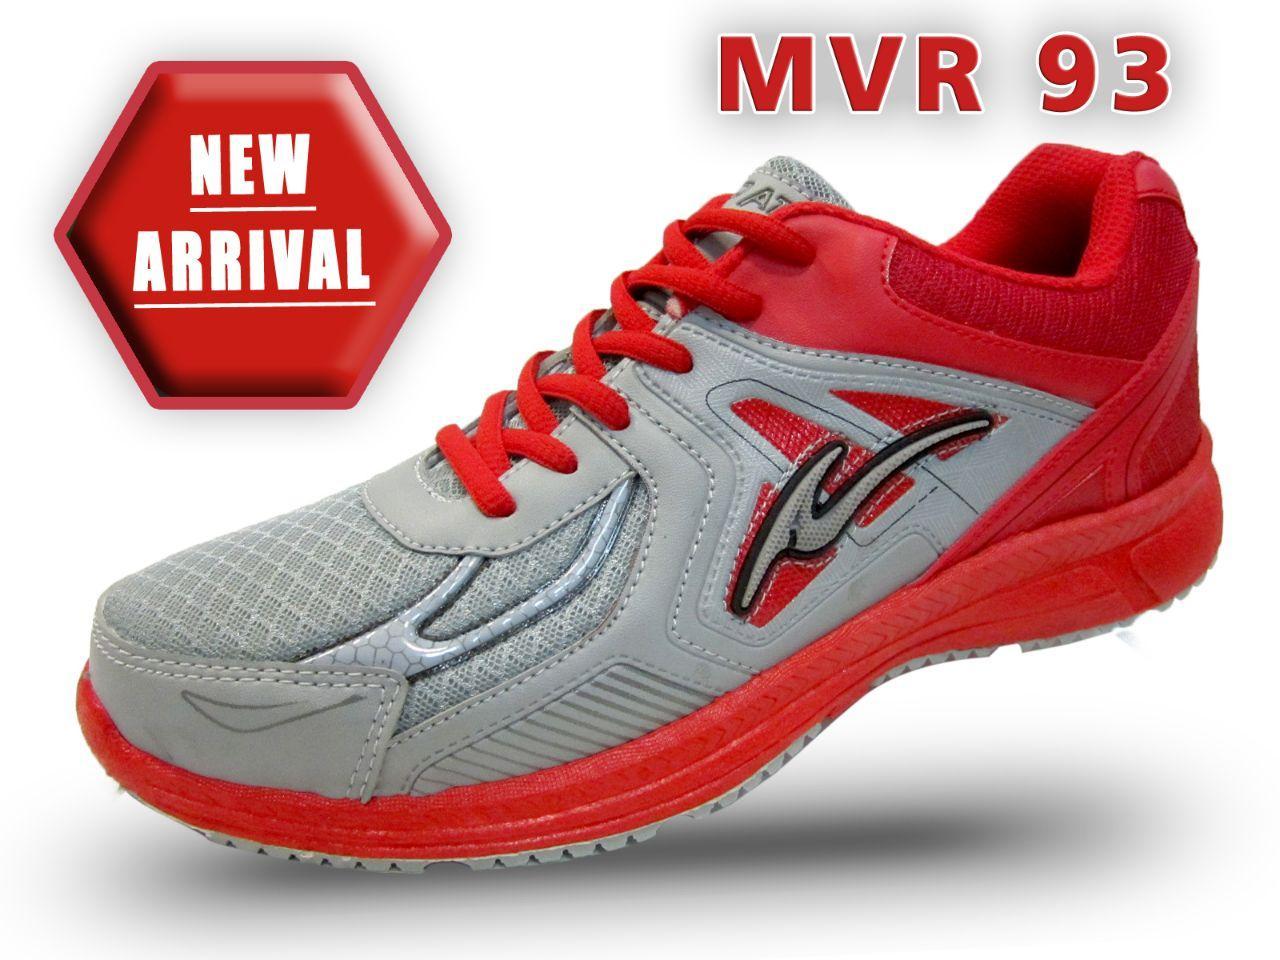 Jual Att Abk380 Sepatu Murah Garansi Dan Berkualitas Id Store Kerja Kuliah Sankyo Saf 1120 Rp 80900